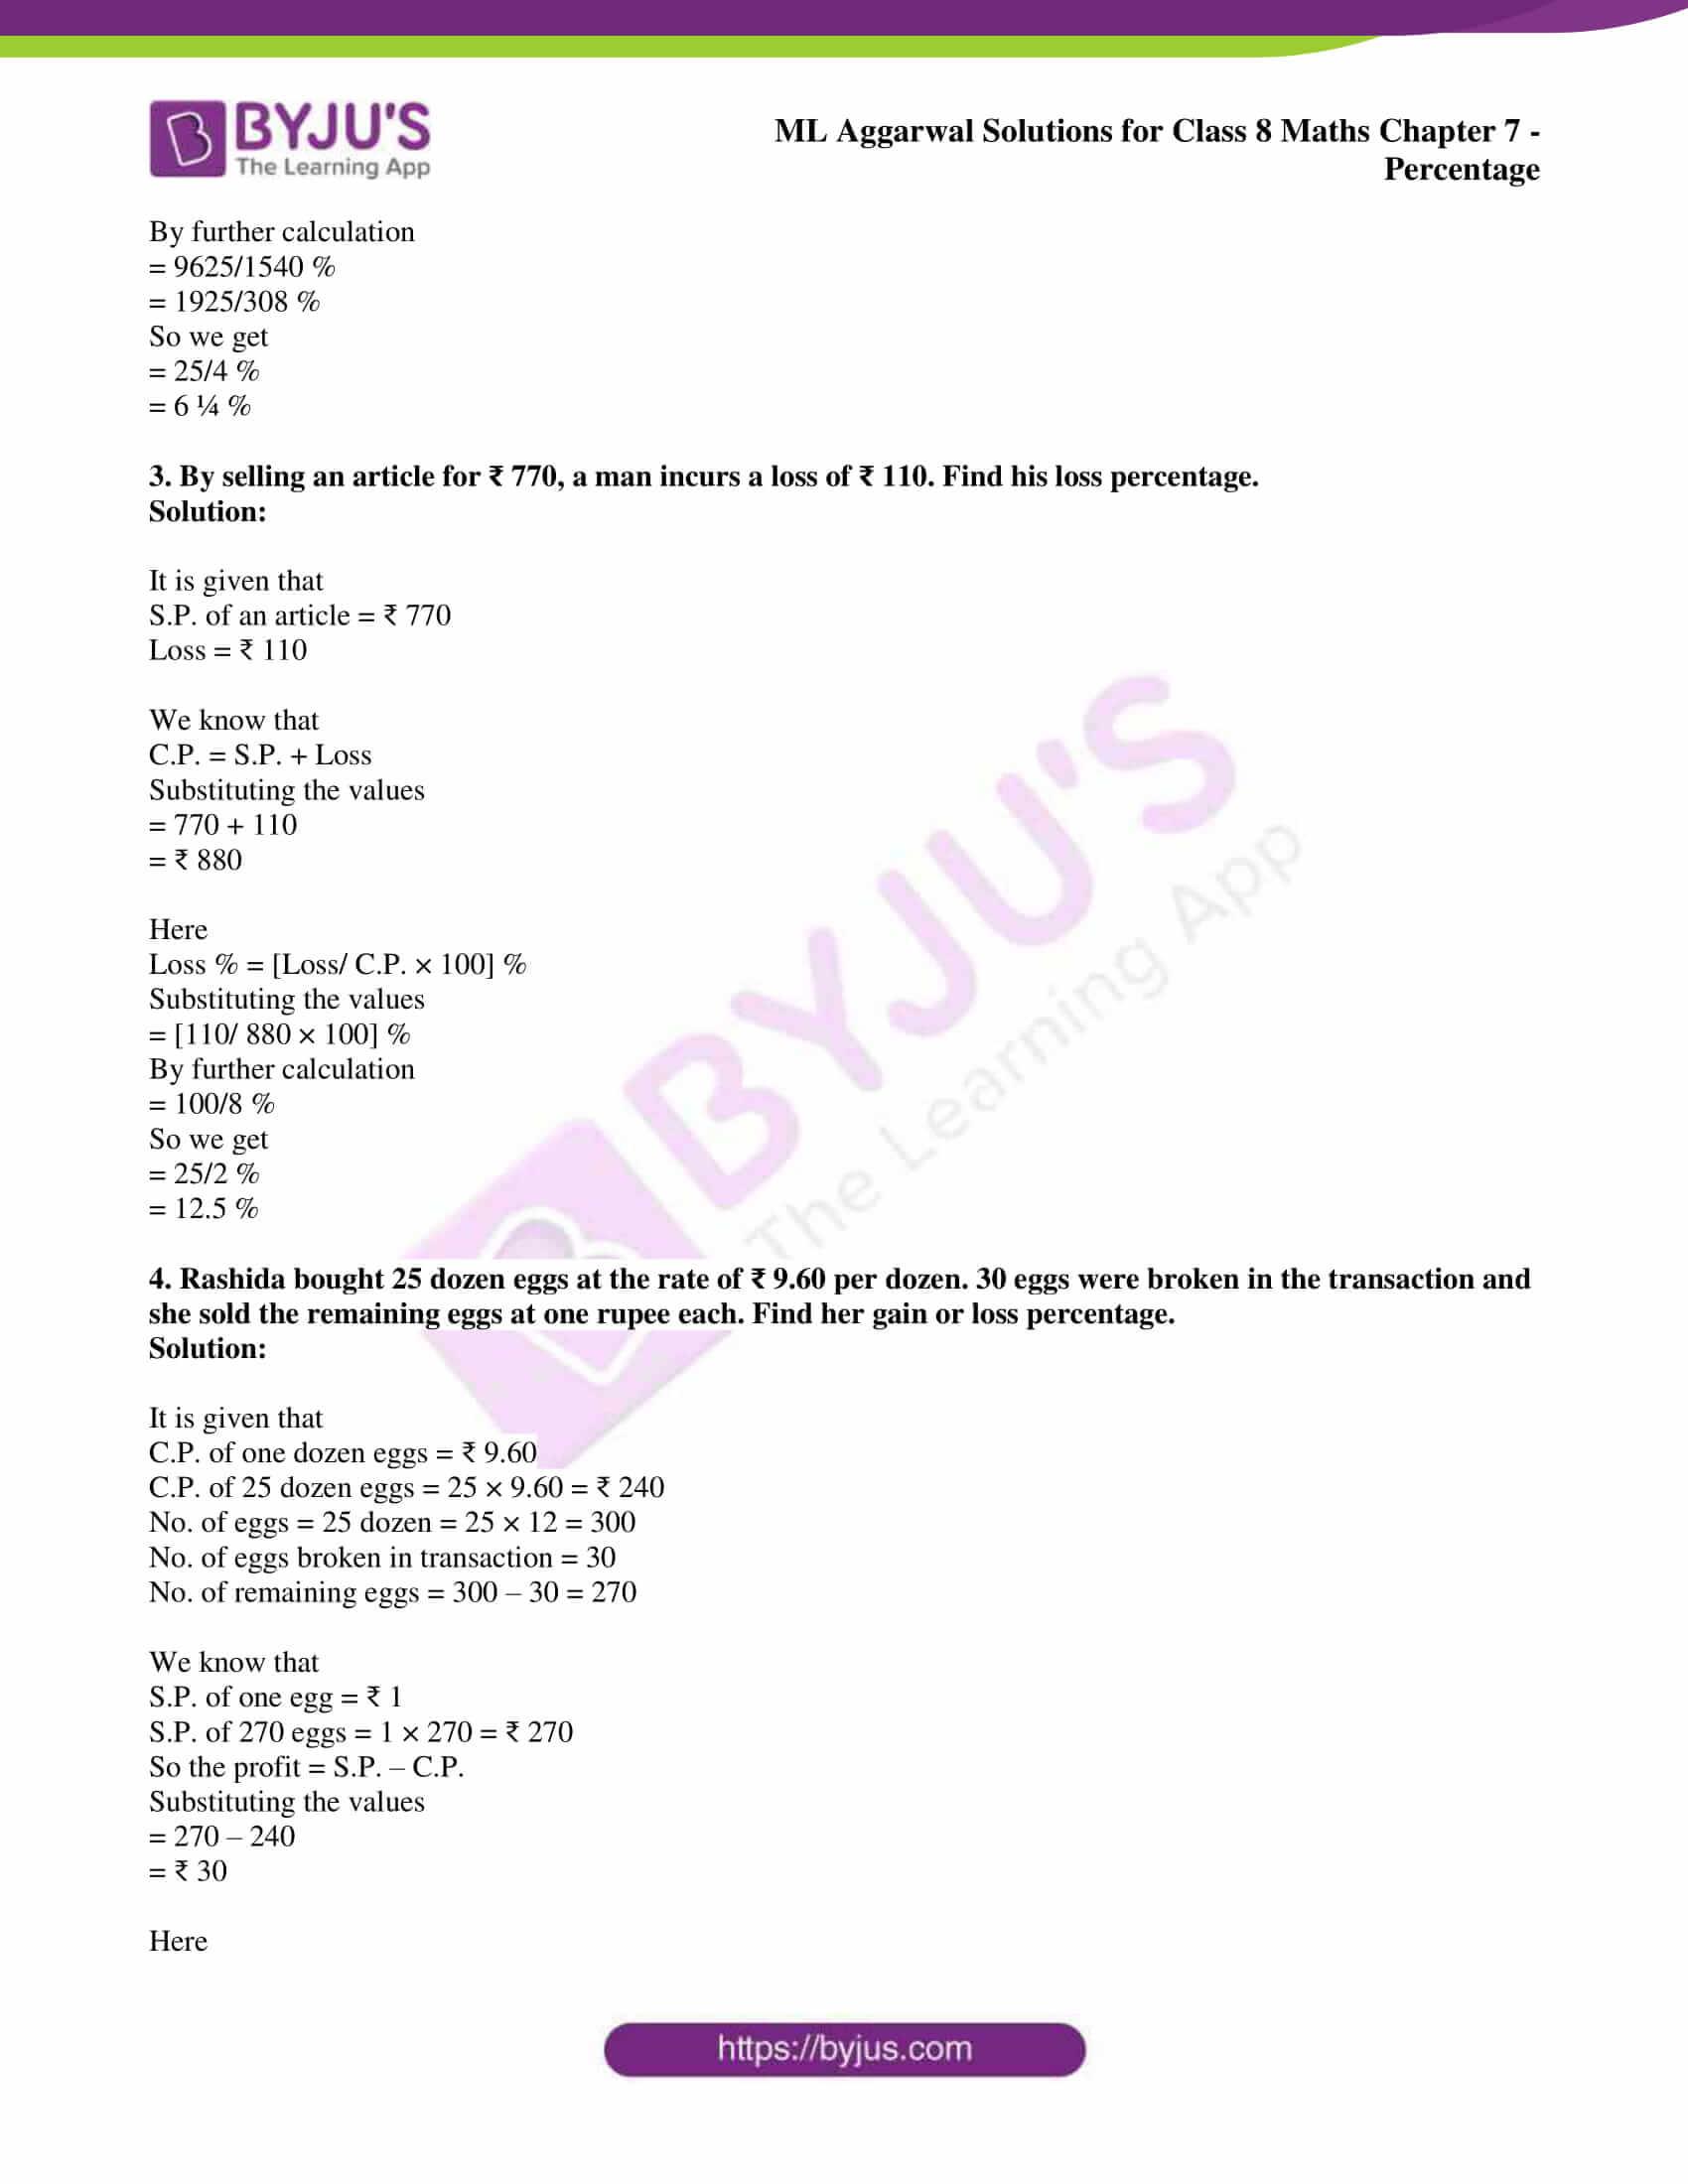 ml aggarwal sol mathematics class 8 ch 7 17